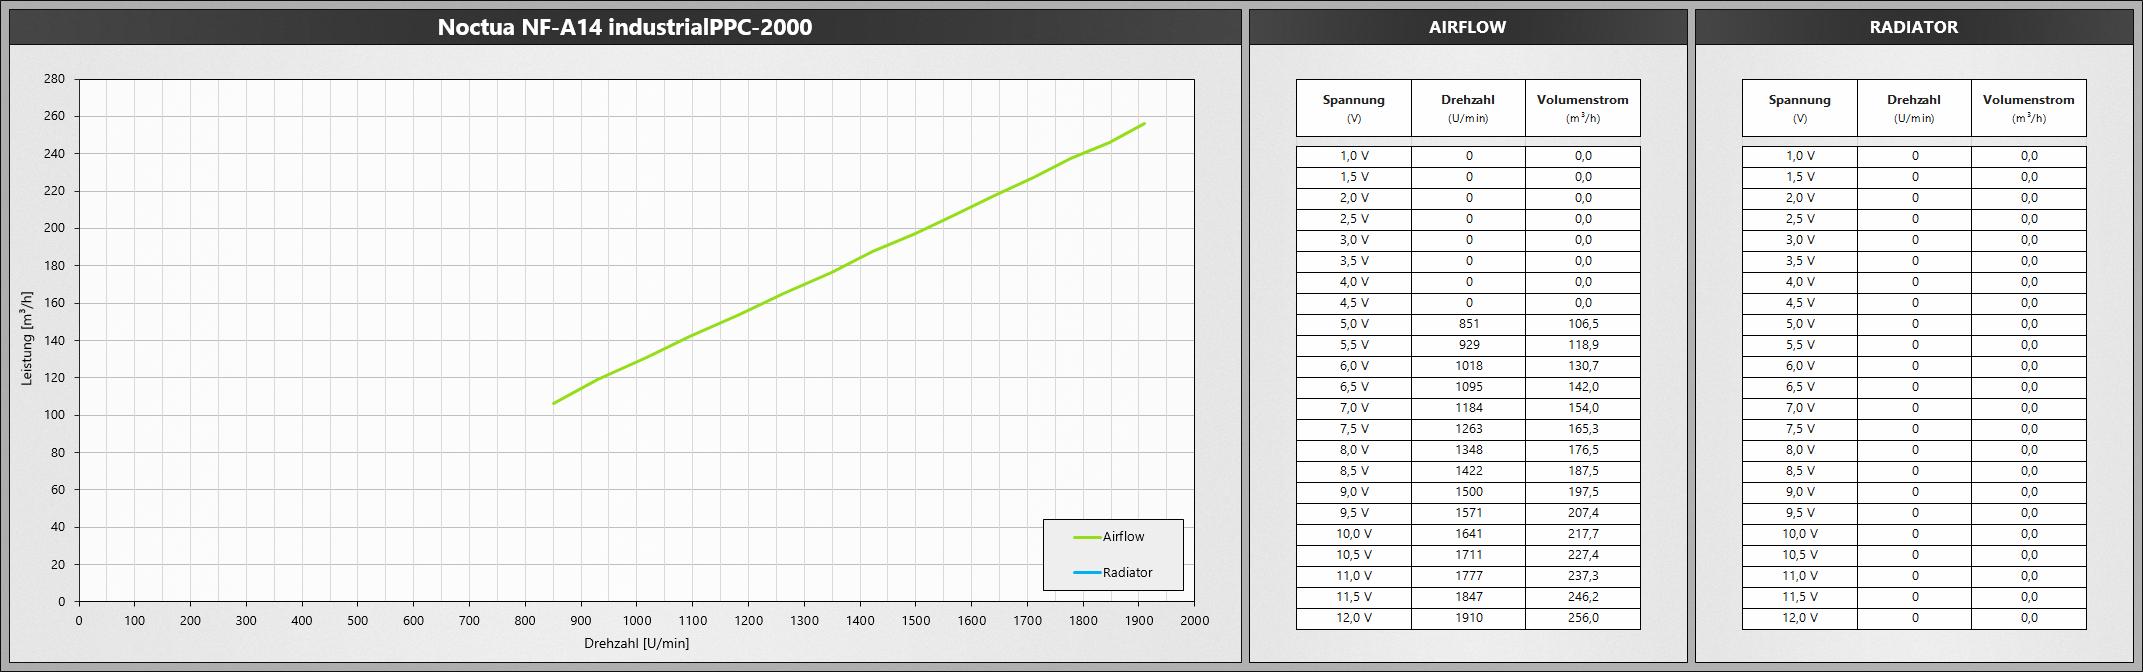 Klicken Sie auf die Grafik für eine größere Ansicht  Name:NoctuaNFA14iPPC2000.png Hits:657 Größe:469,0 KB ID:1074772